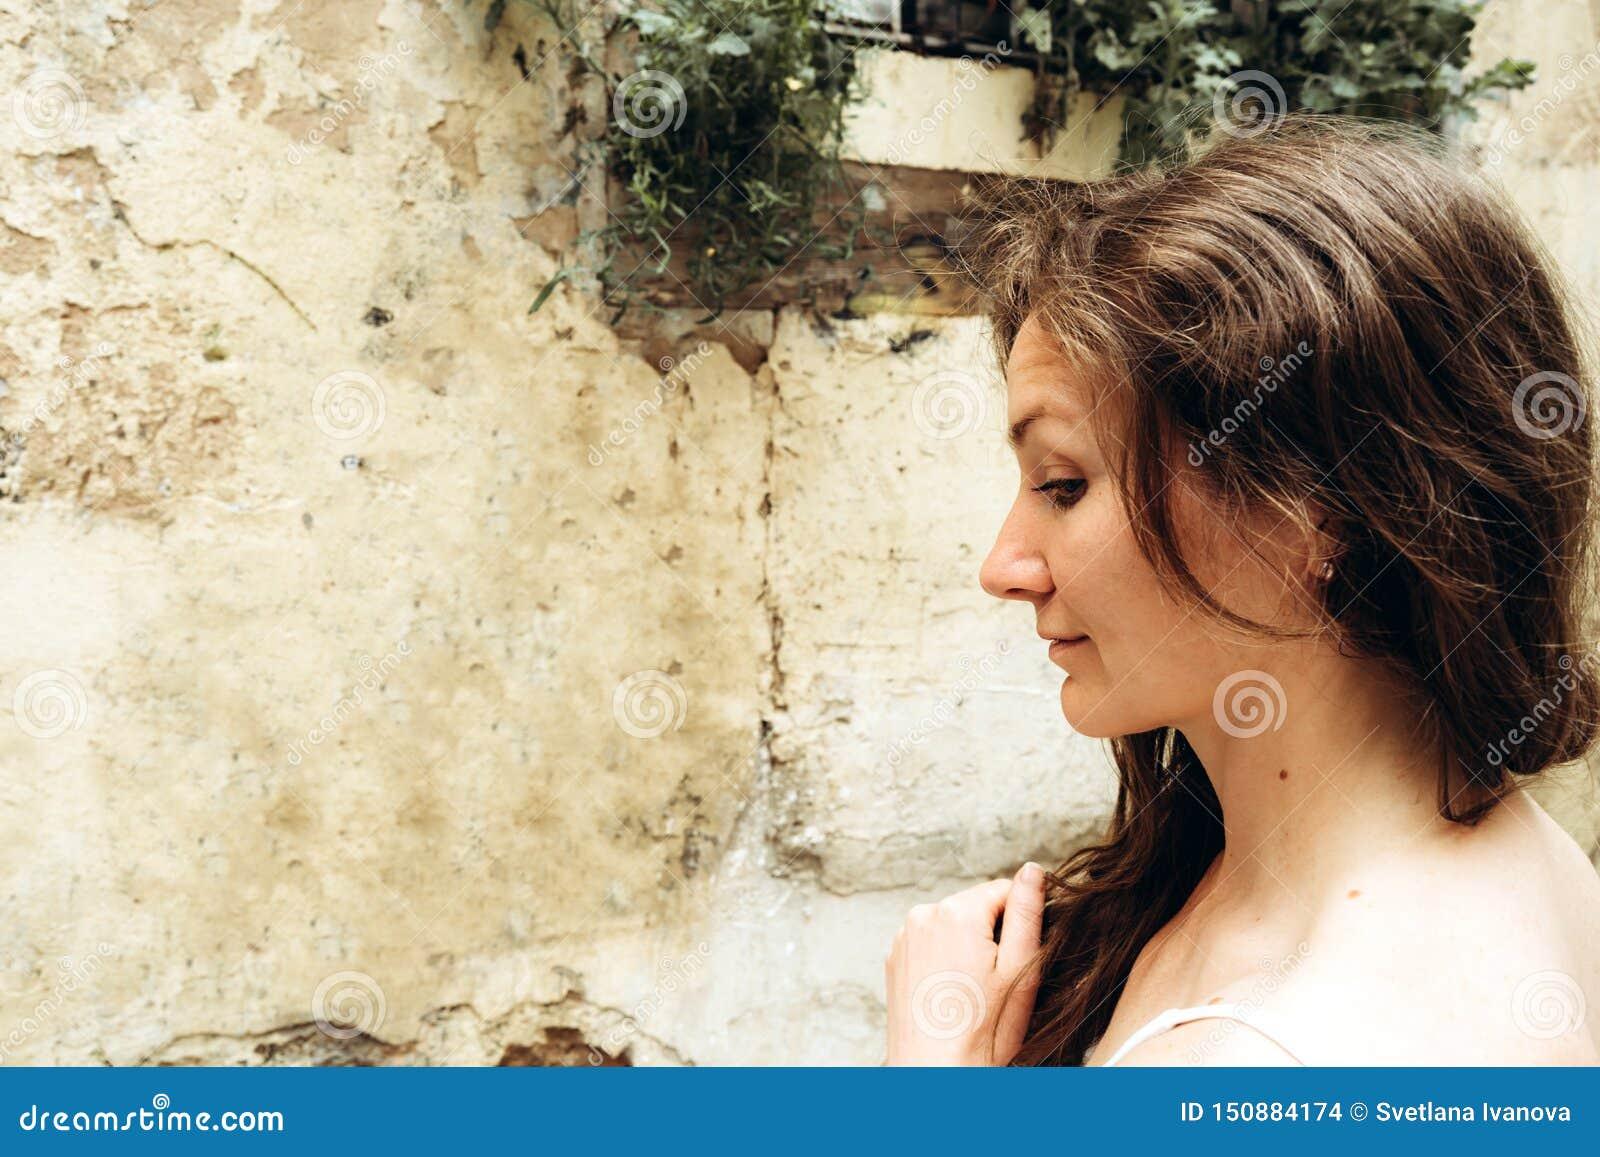 Η νέα όμορφη γυναίκα μια θερινή ημέρα στέκεται στο σχεδιάγραμμα